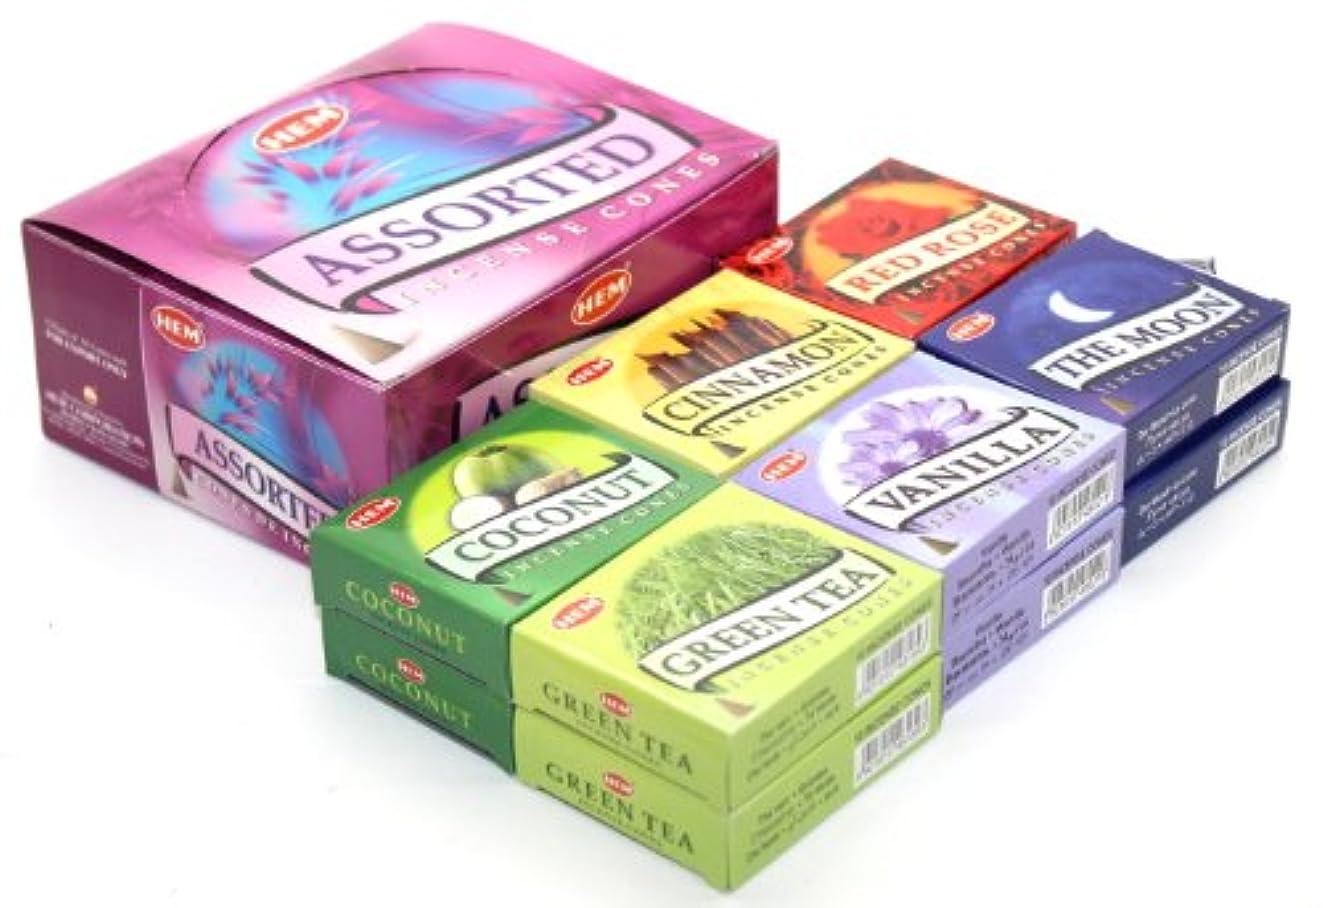 発音下に向けますクリケットHEM Assorted Incense Cones - 12 Packs of 10 Cones Each - With 6 Different Scents: Vanilla, Cinnamon, The Moon,...